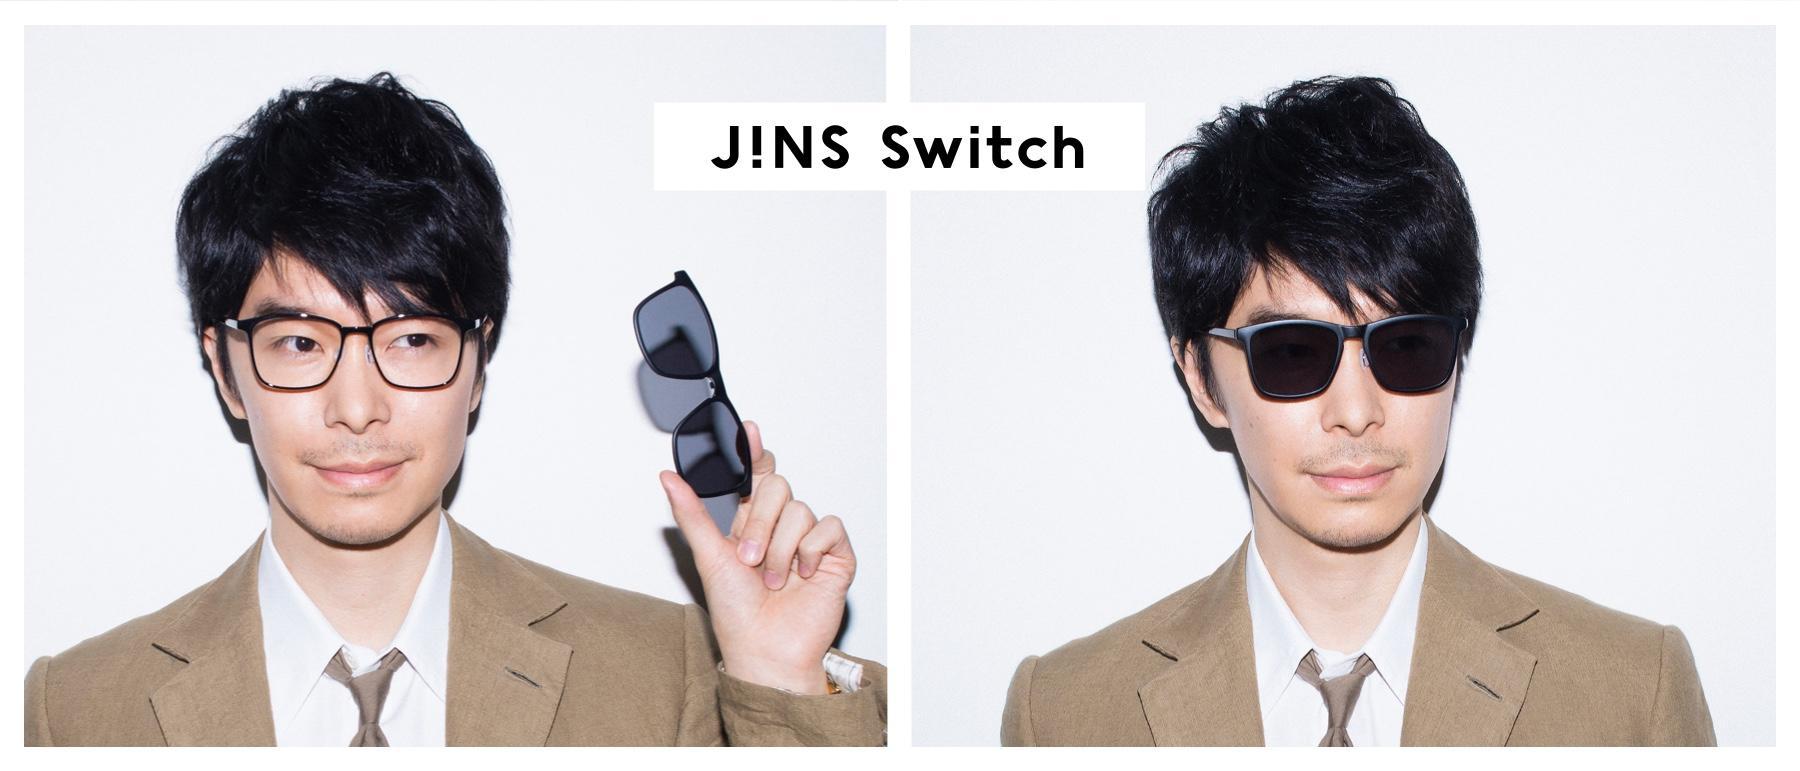 1本でメガネにもサングラスにも!「JINS Switch」にジュニアが登場